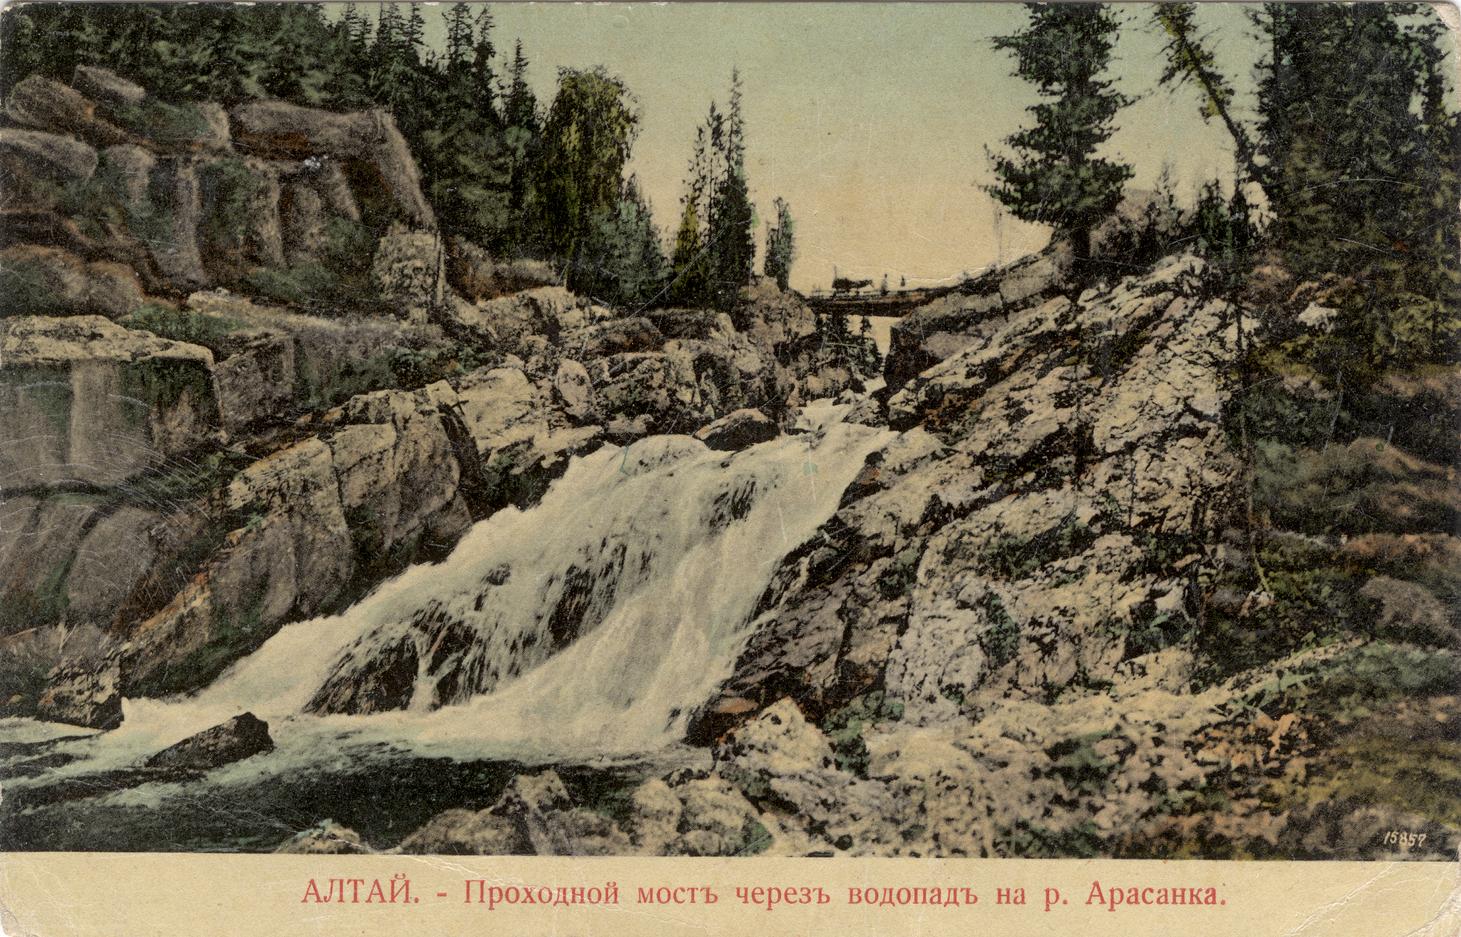 Мост через водопад на реке Арасан